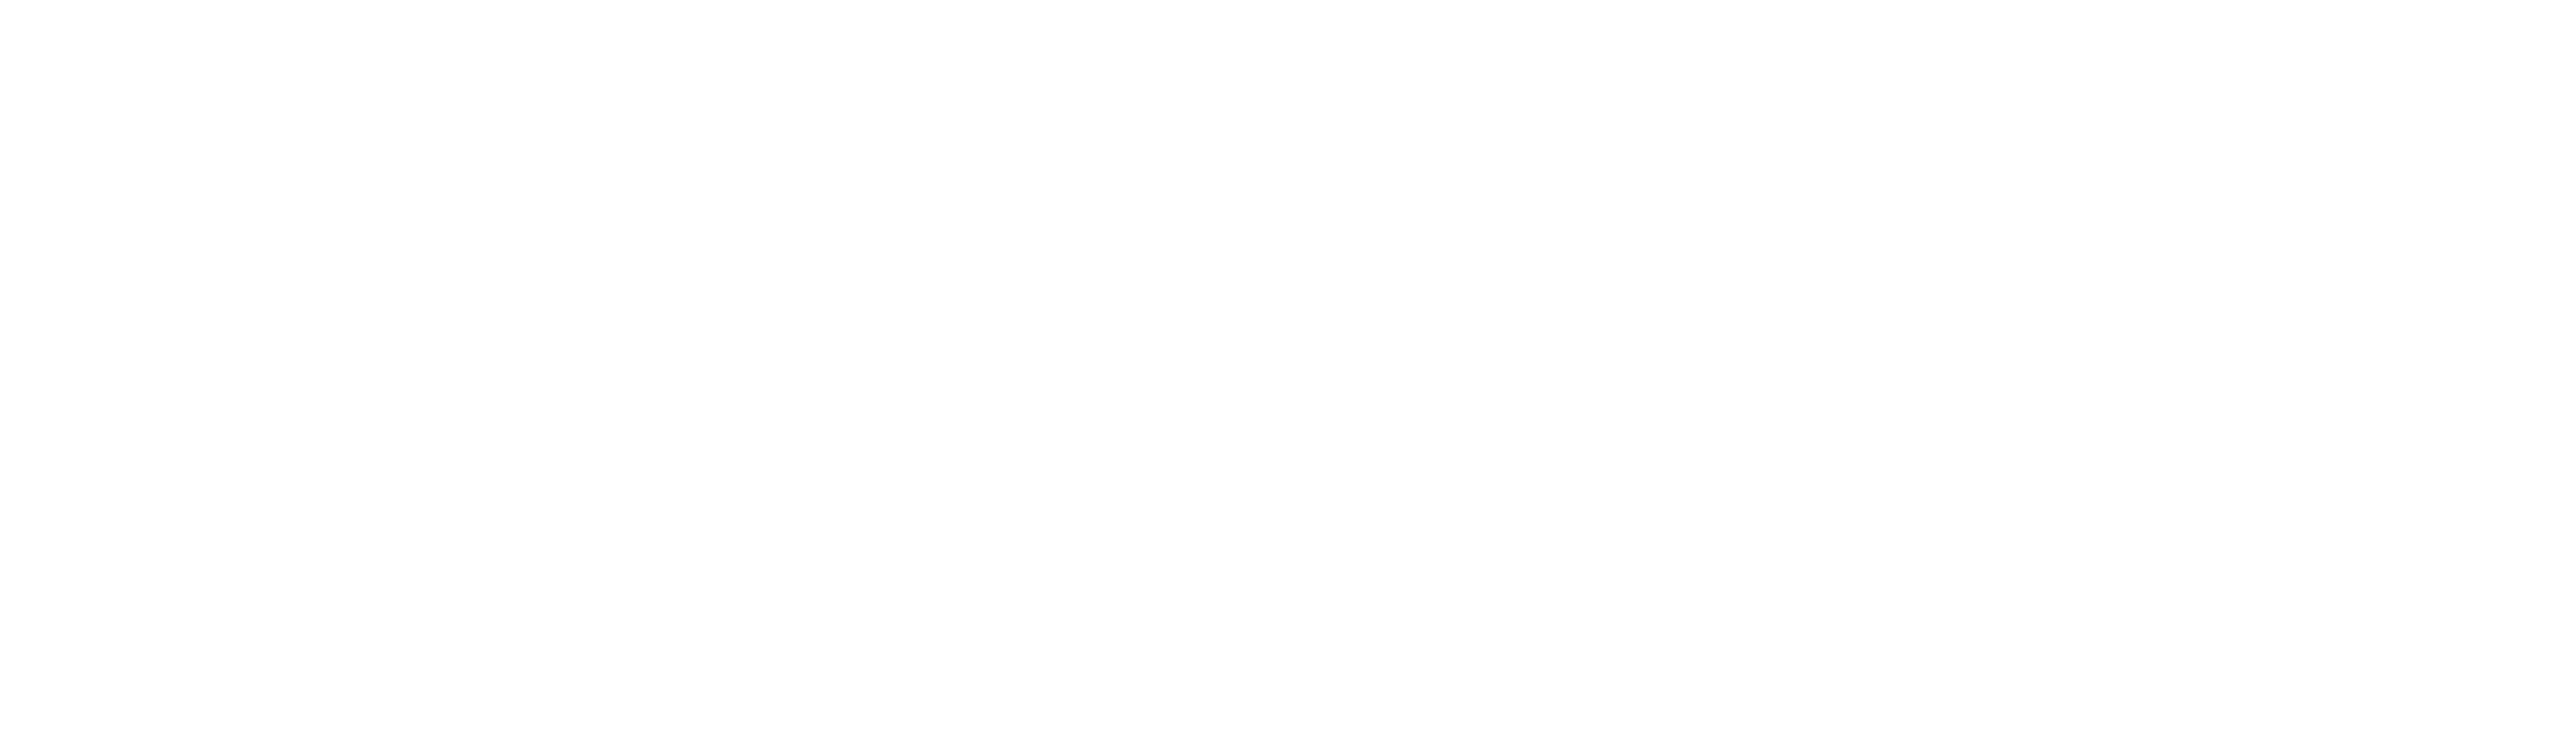 Elmäx